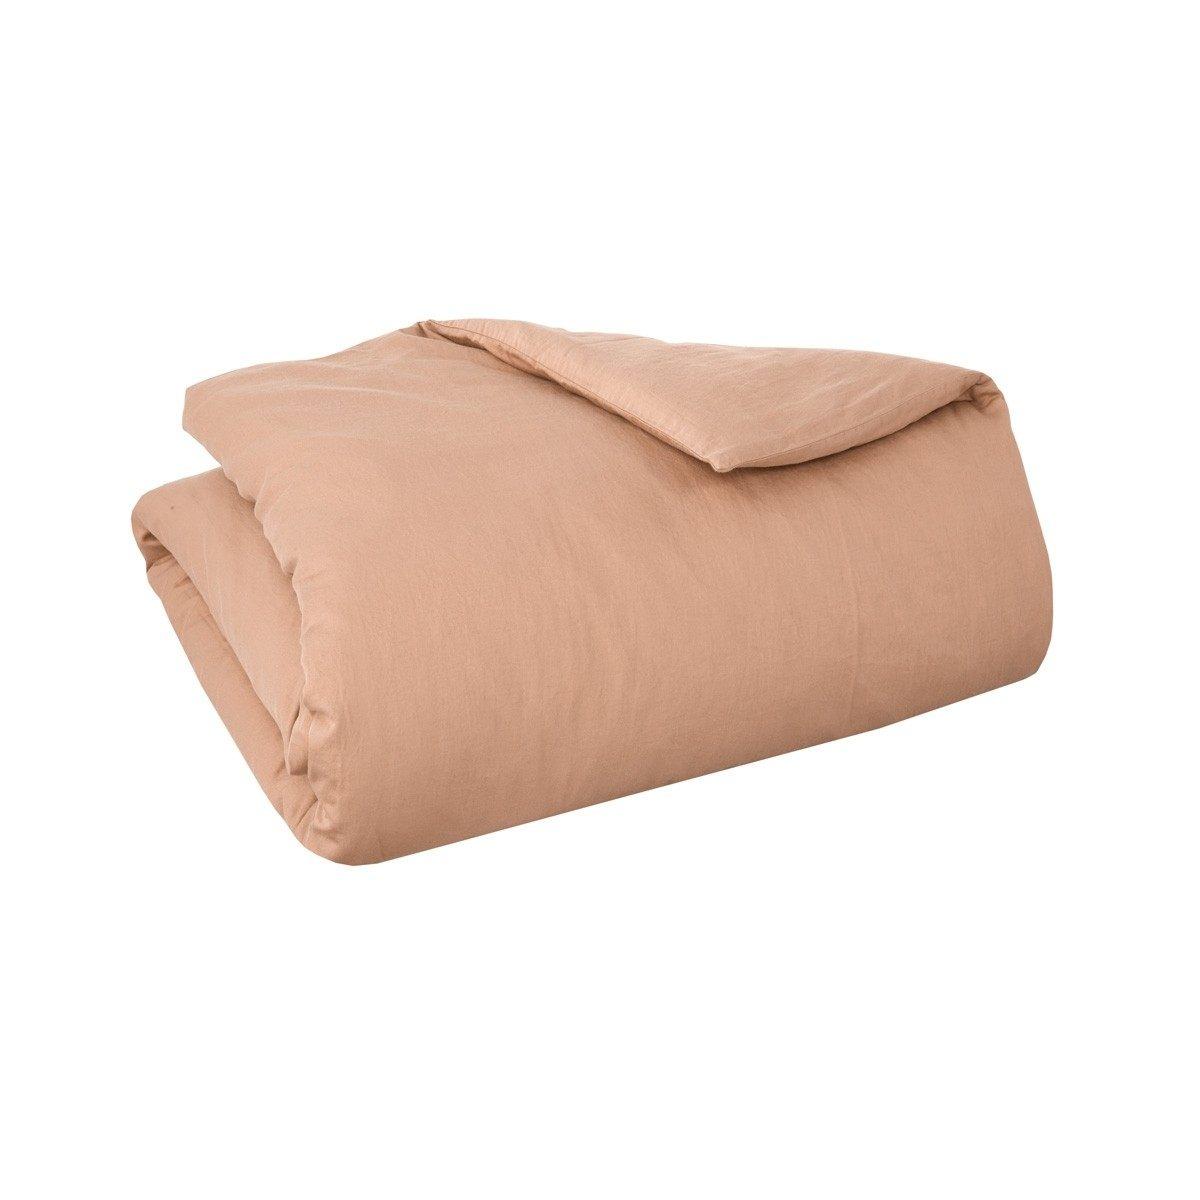 Parure De Lit Complete Agréable Palerme Rose Thé Duvet Cover Duvet Covers Bed Linen Olivier